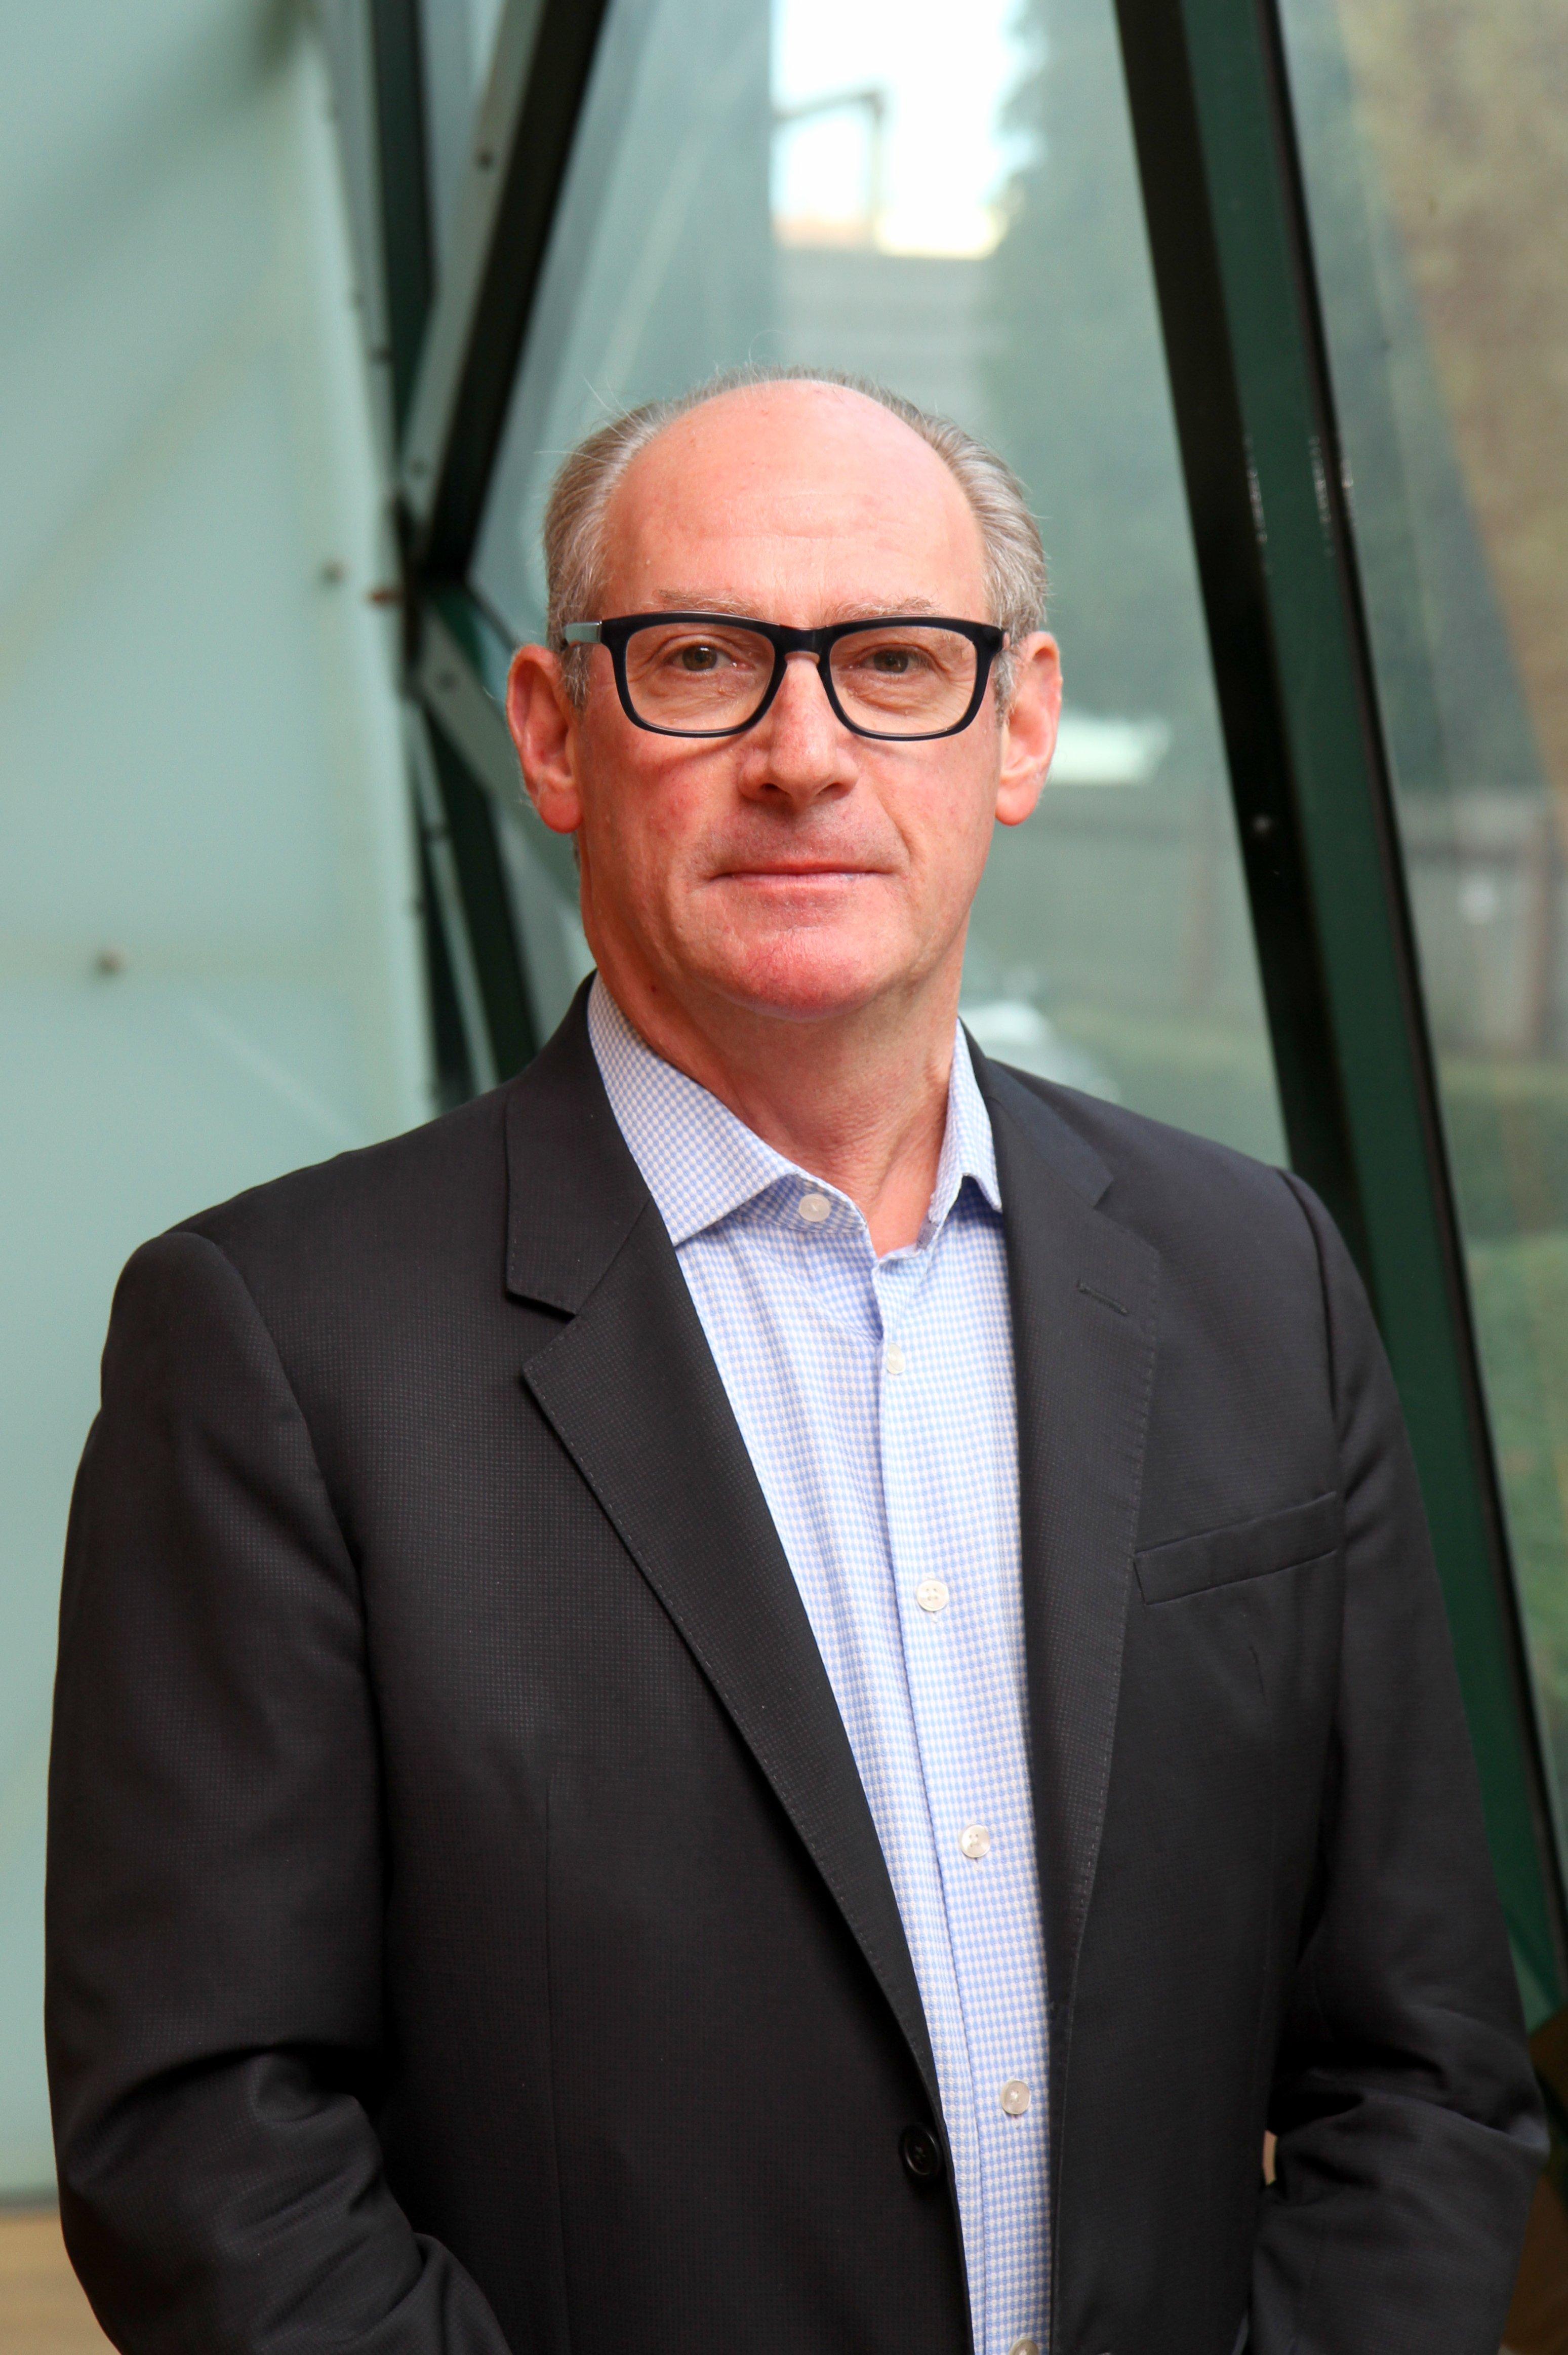 Dr. Sam Hupert